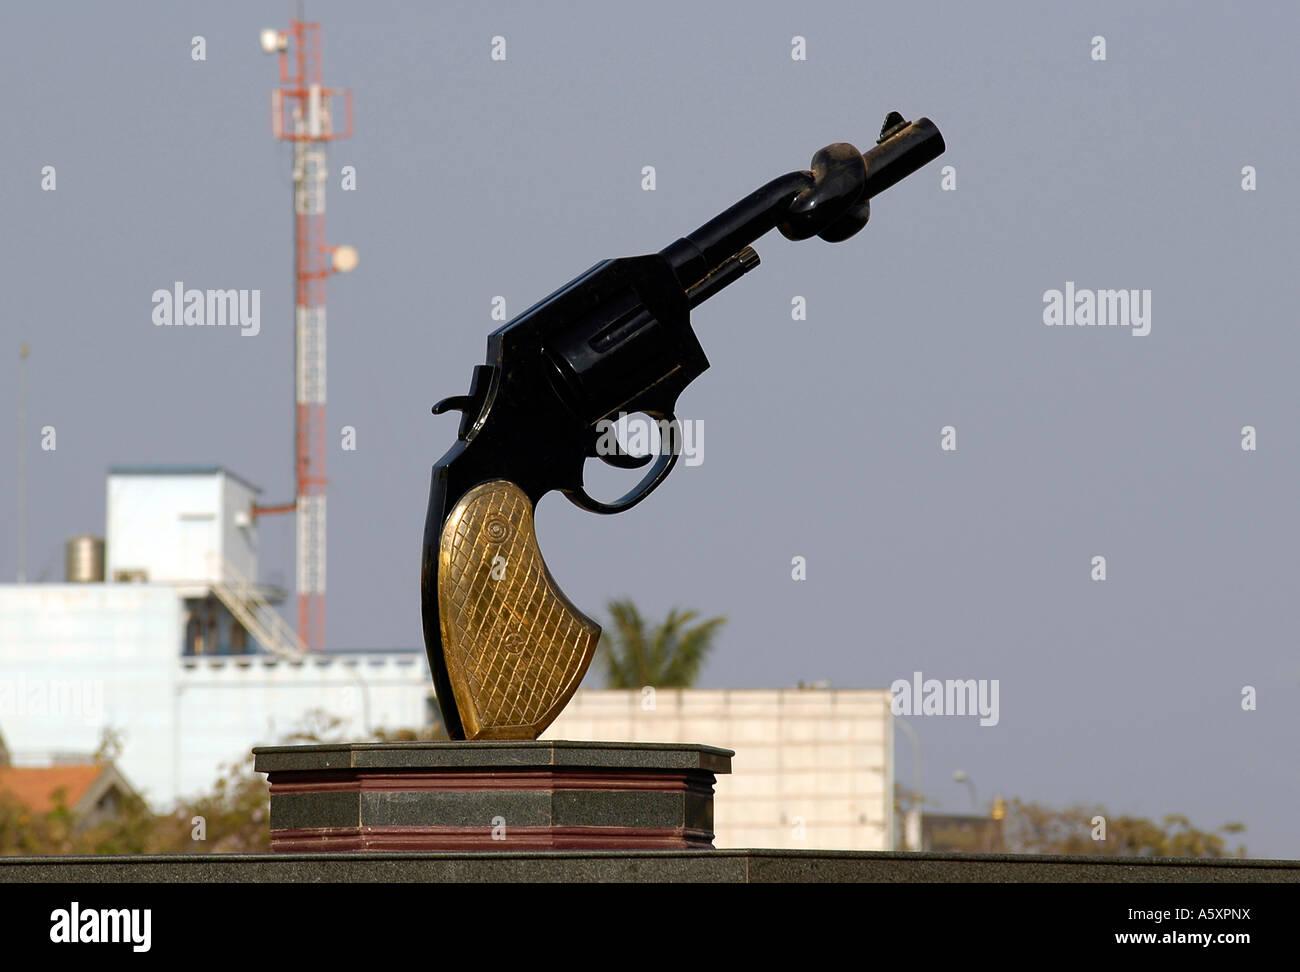 Un arma grande con su cilindro torcido, ubicado en el centro de Phnom Penh, se erige como un impresionante símbolo Imagen De Stock